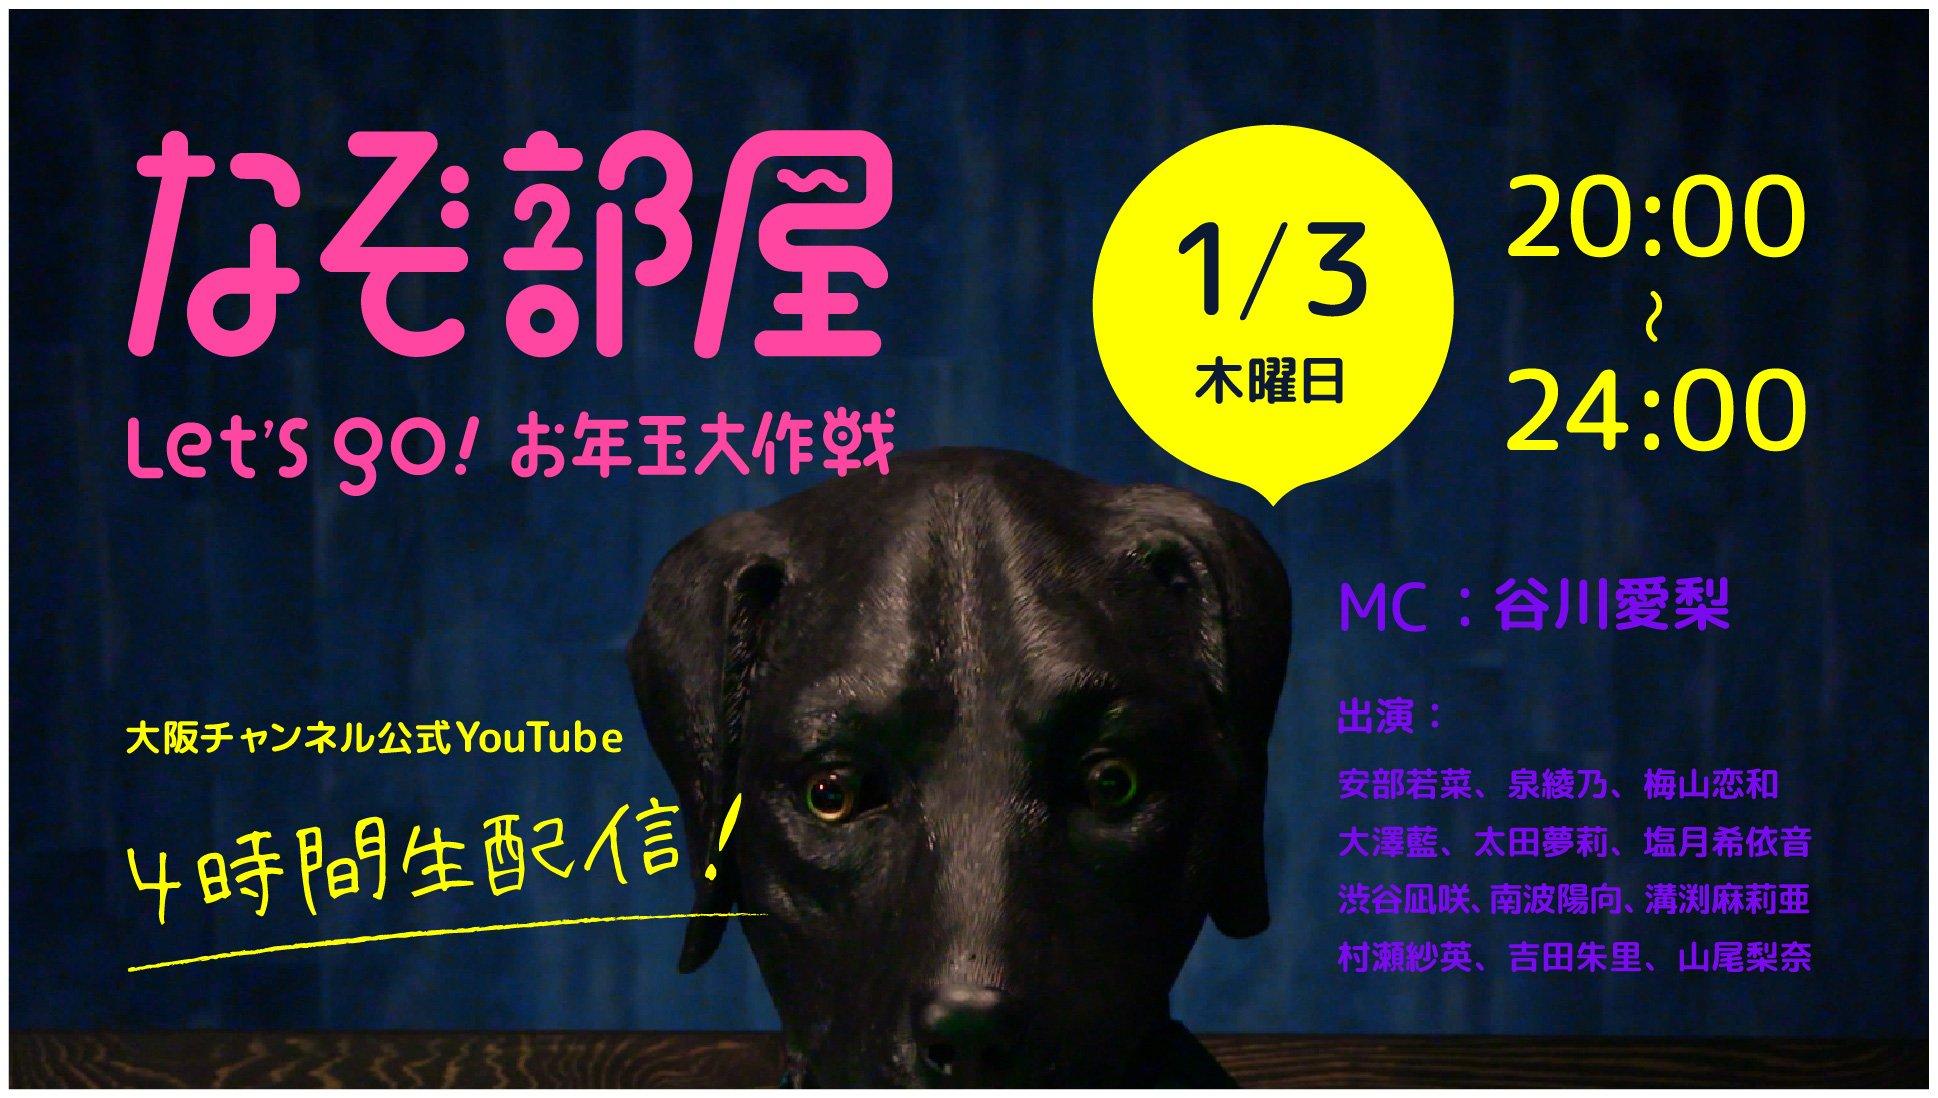 【NMB48】1月3日20時〜『なぞ部屋 Let's Go! お年玉大作戦』が大阪チャンネルYouTubeで4時間生配信